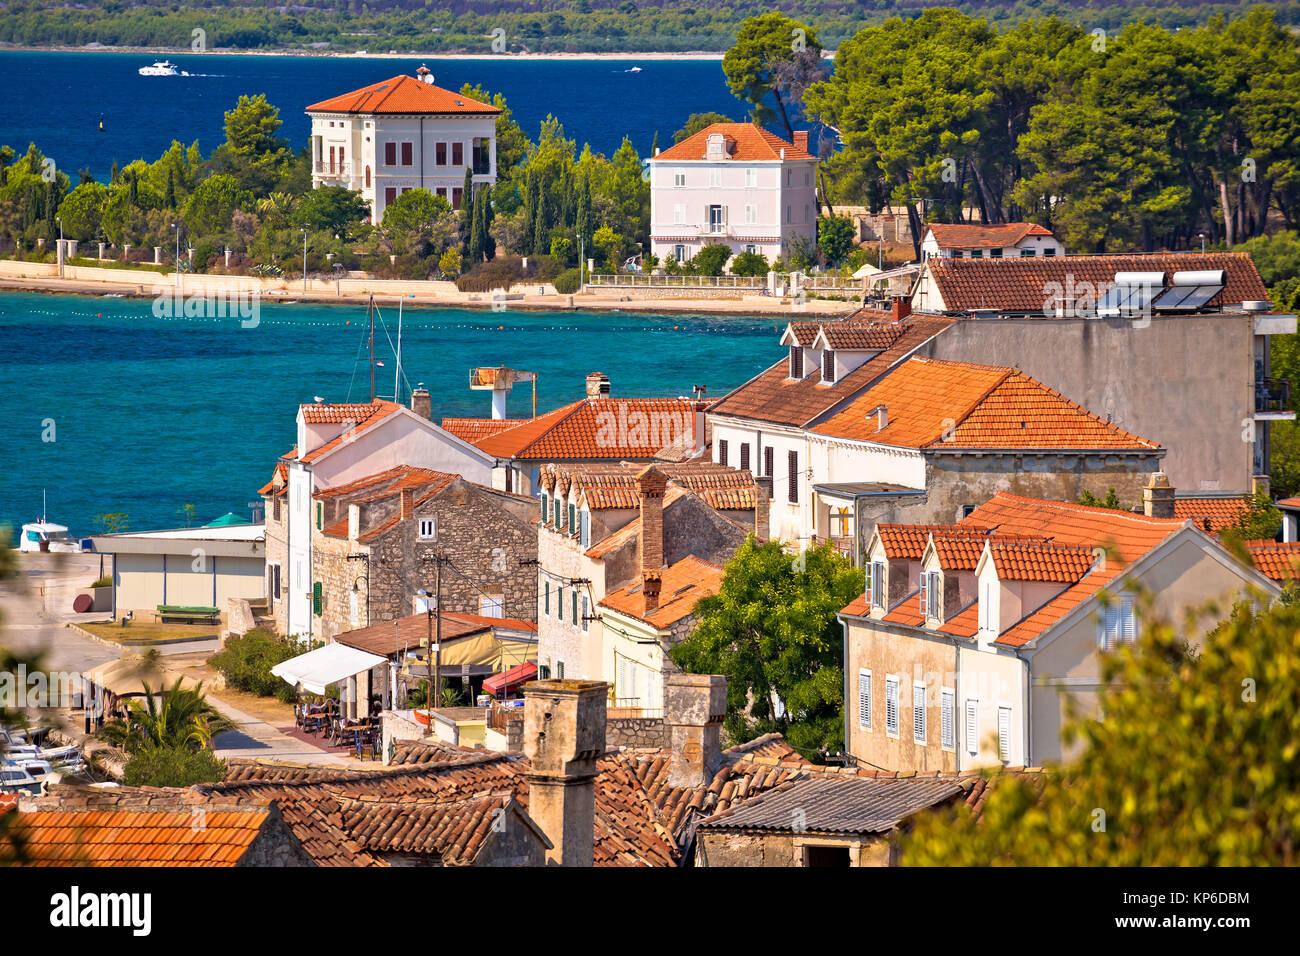 Insel Zlarin Waterfront und Architektur, Archipel von Sibenik Dalmatien, Kroatien Stockbild